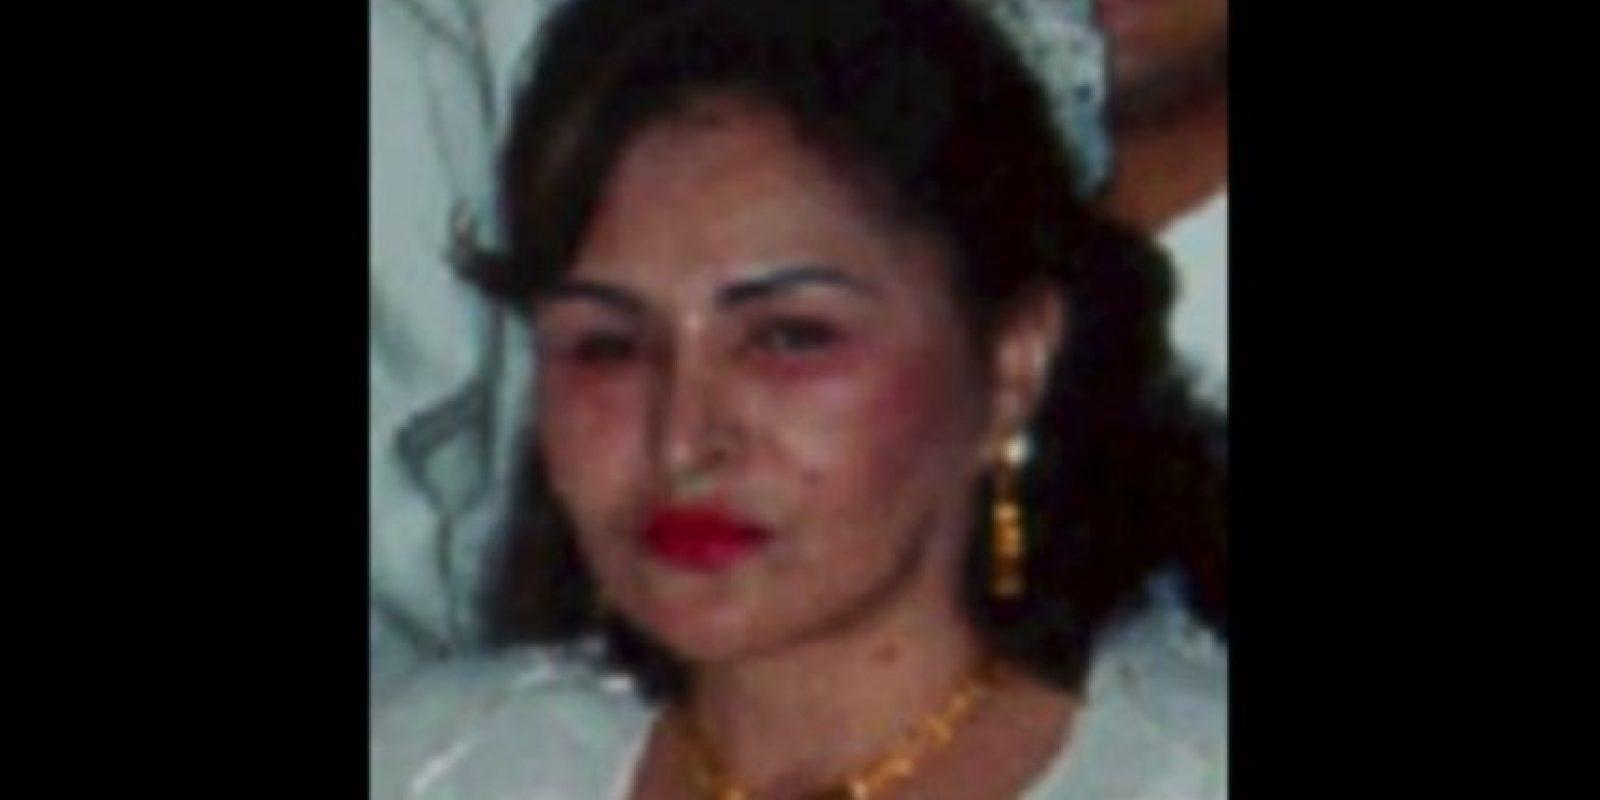 Maria Teresa Osorio de Serna. A la colombiana se le busca por lavado de dinero y tráfico de cocaína Foto:DEA.gov